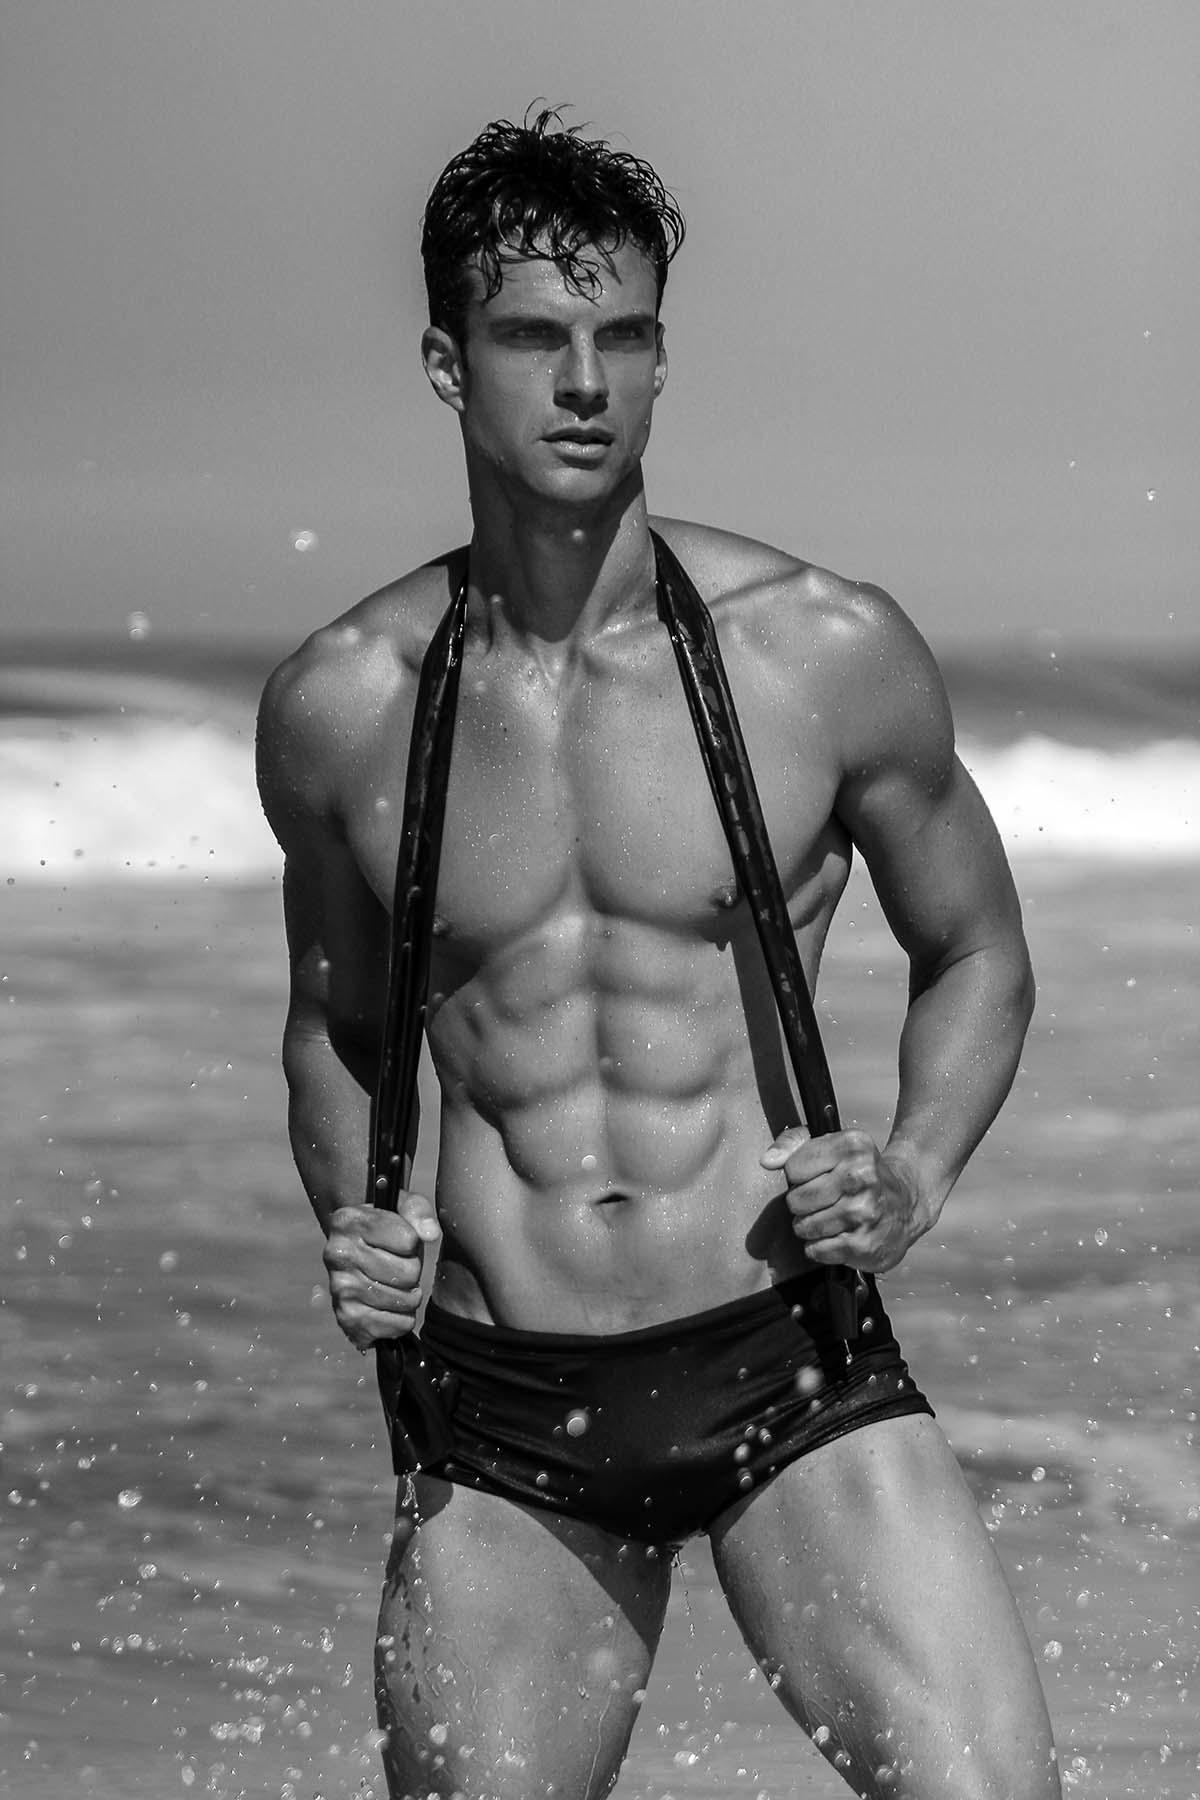 Junior Arruda by Marcio Farias for Brazilian Male Model